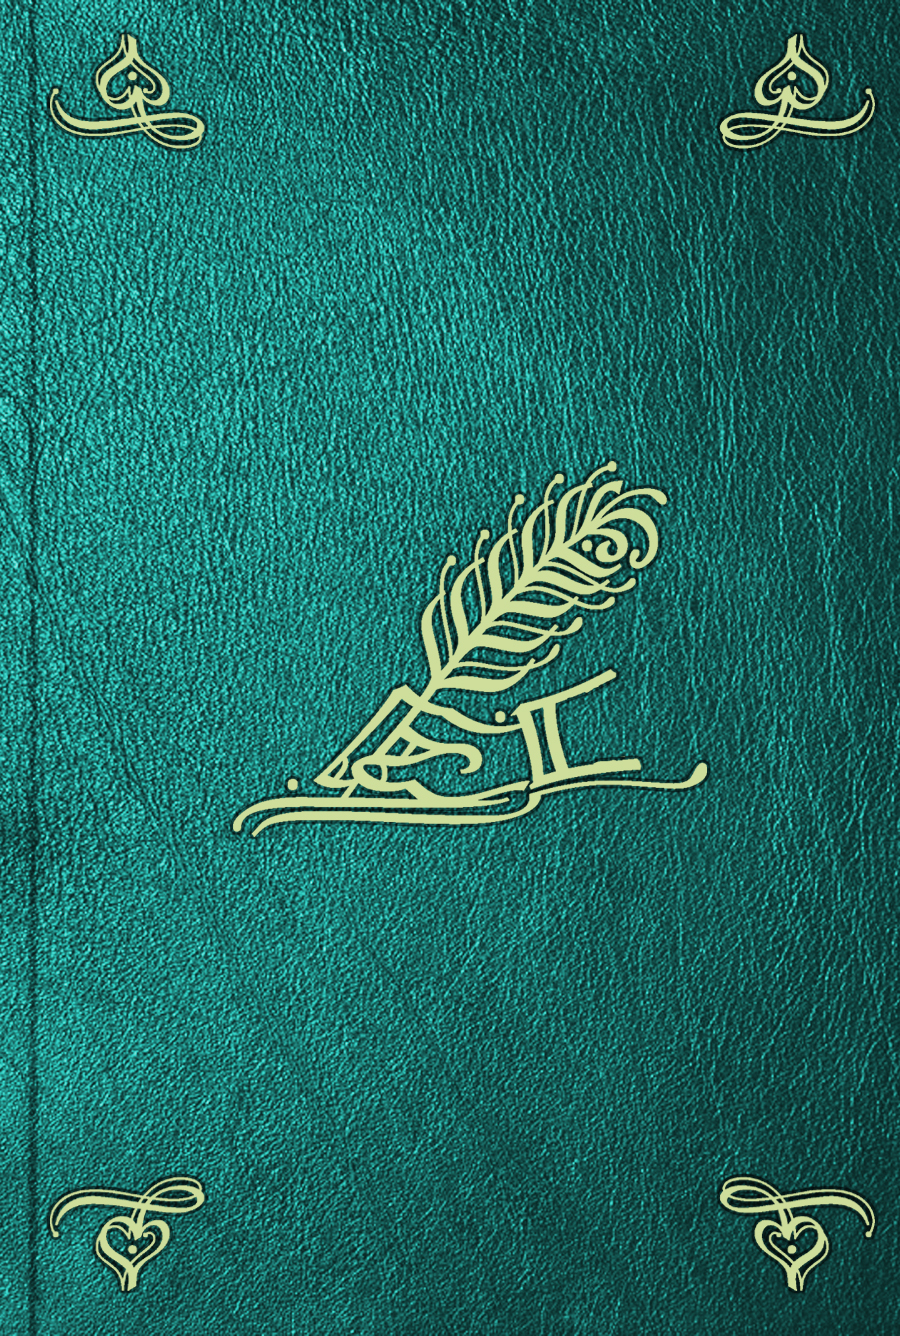 John Chardin Voyages du chevalier Chardin, en Perse, et autres lieux de l'Orient. T. 1 victor de jouy l hermite en italie t 2